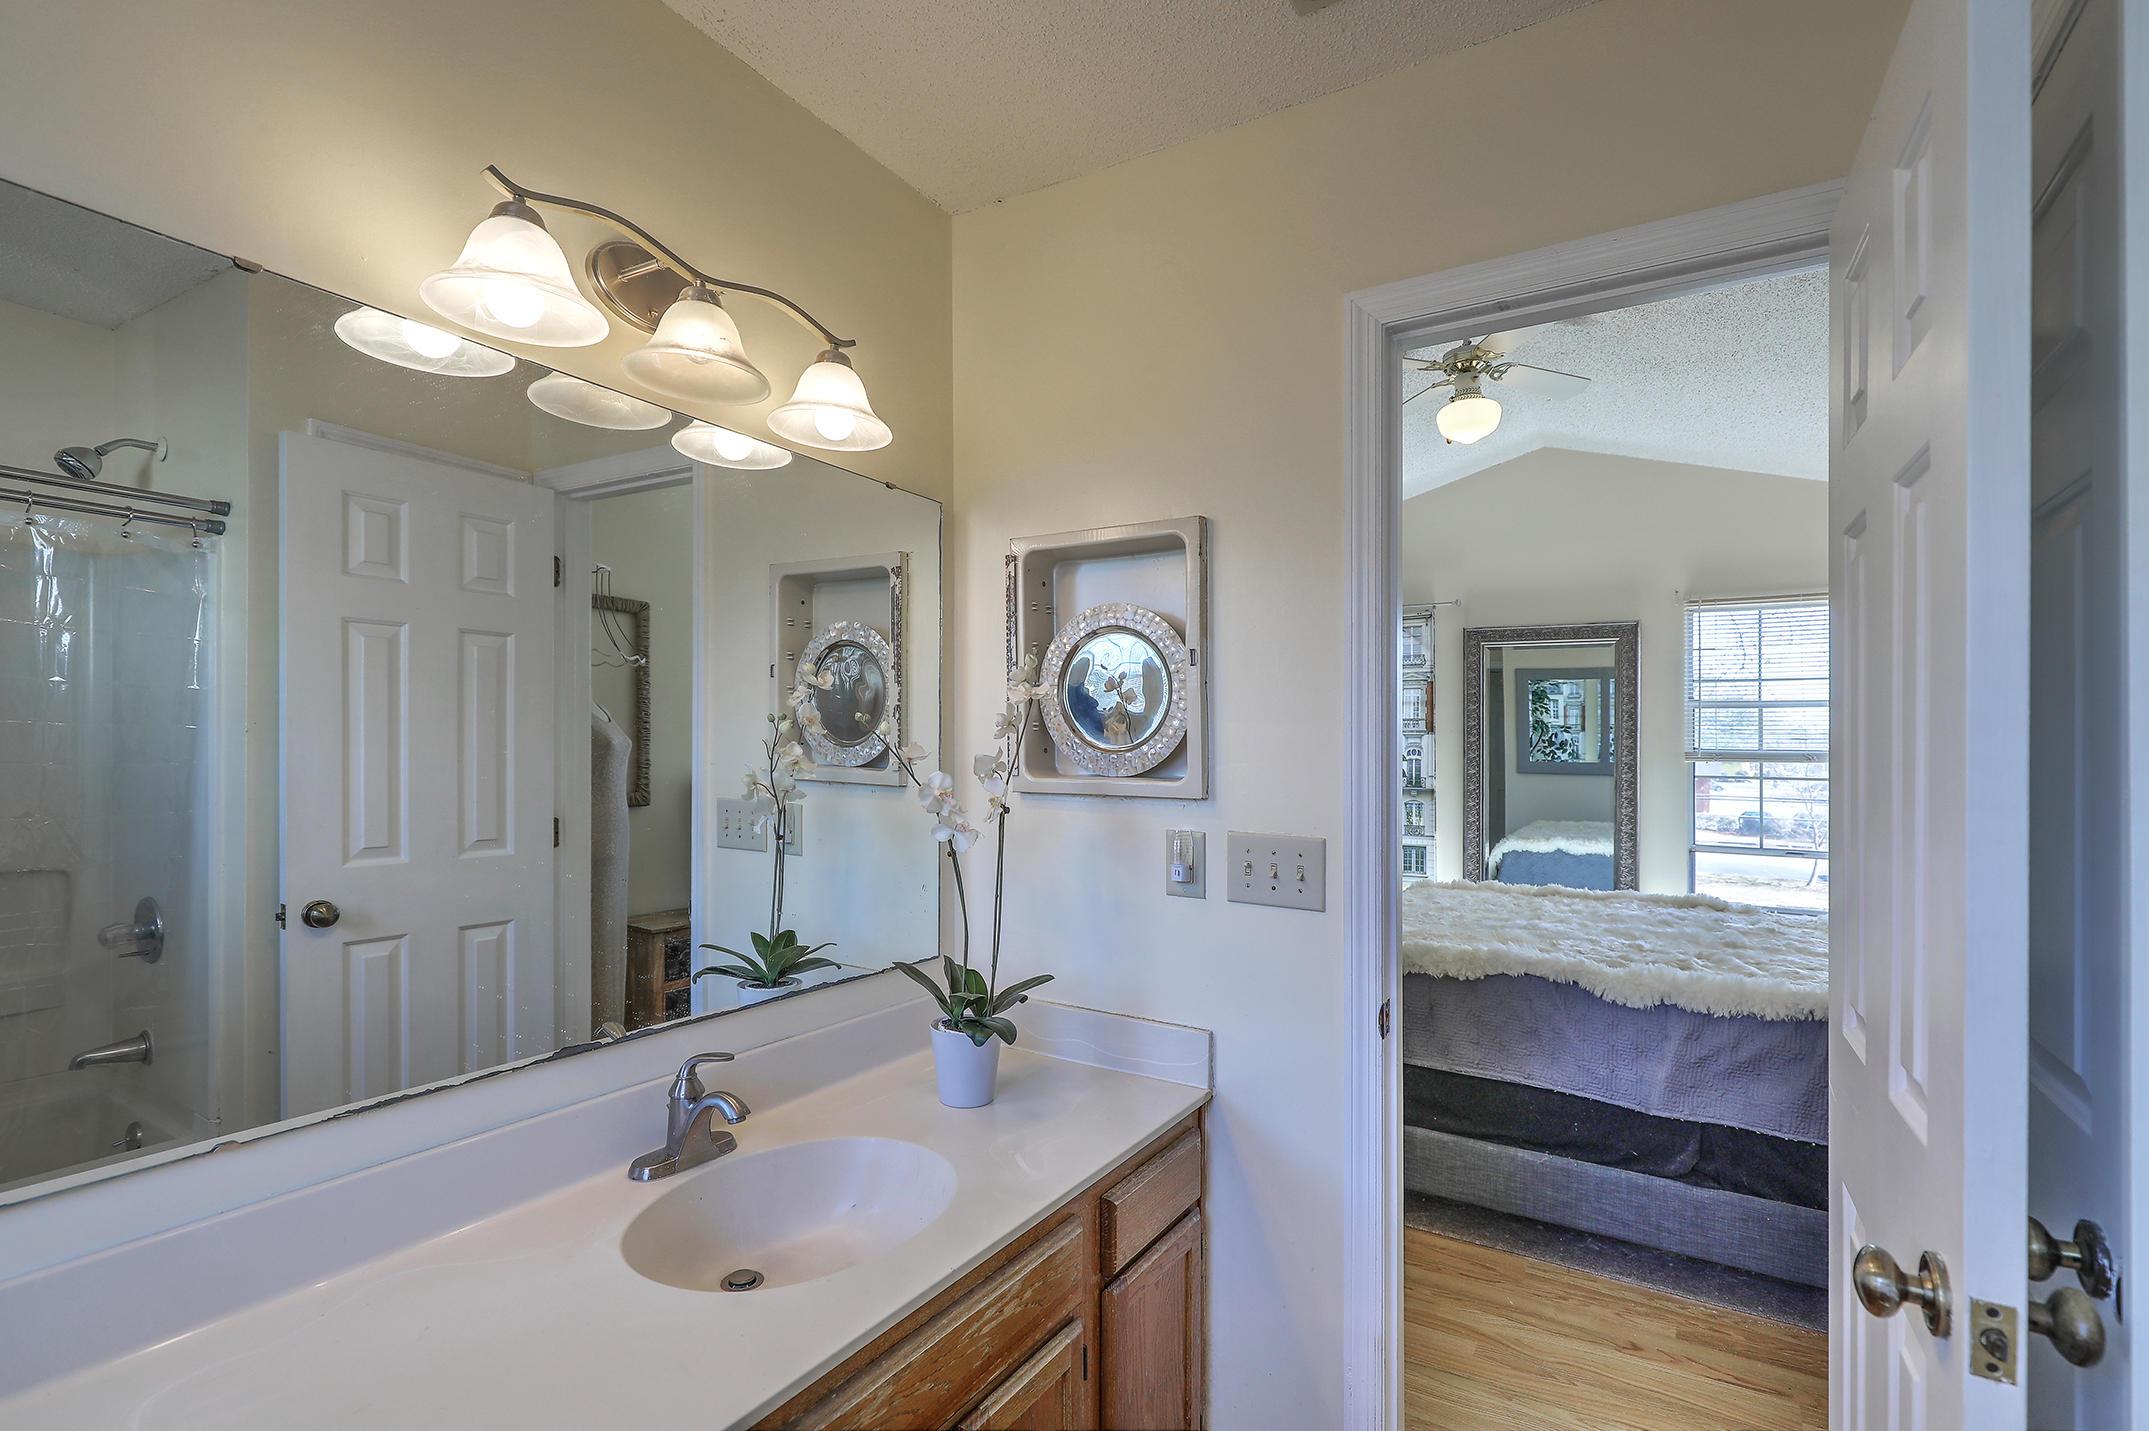 Crichton Parish Homes For Sale - 107 Parish Parc, Summerville, SC - 17